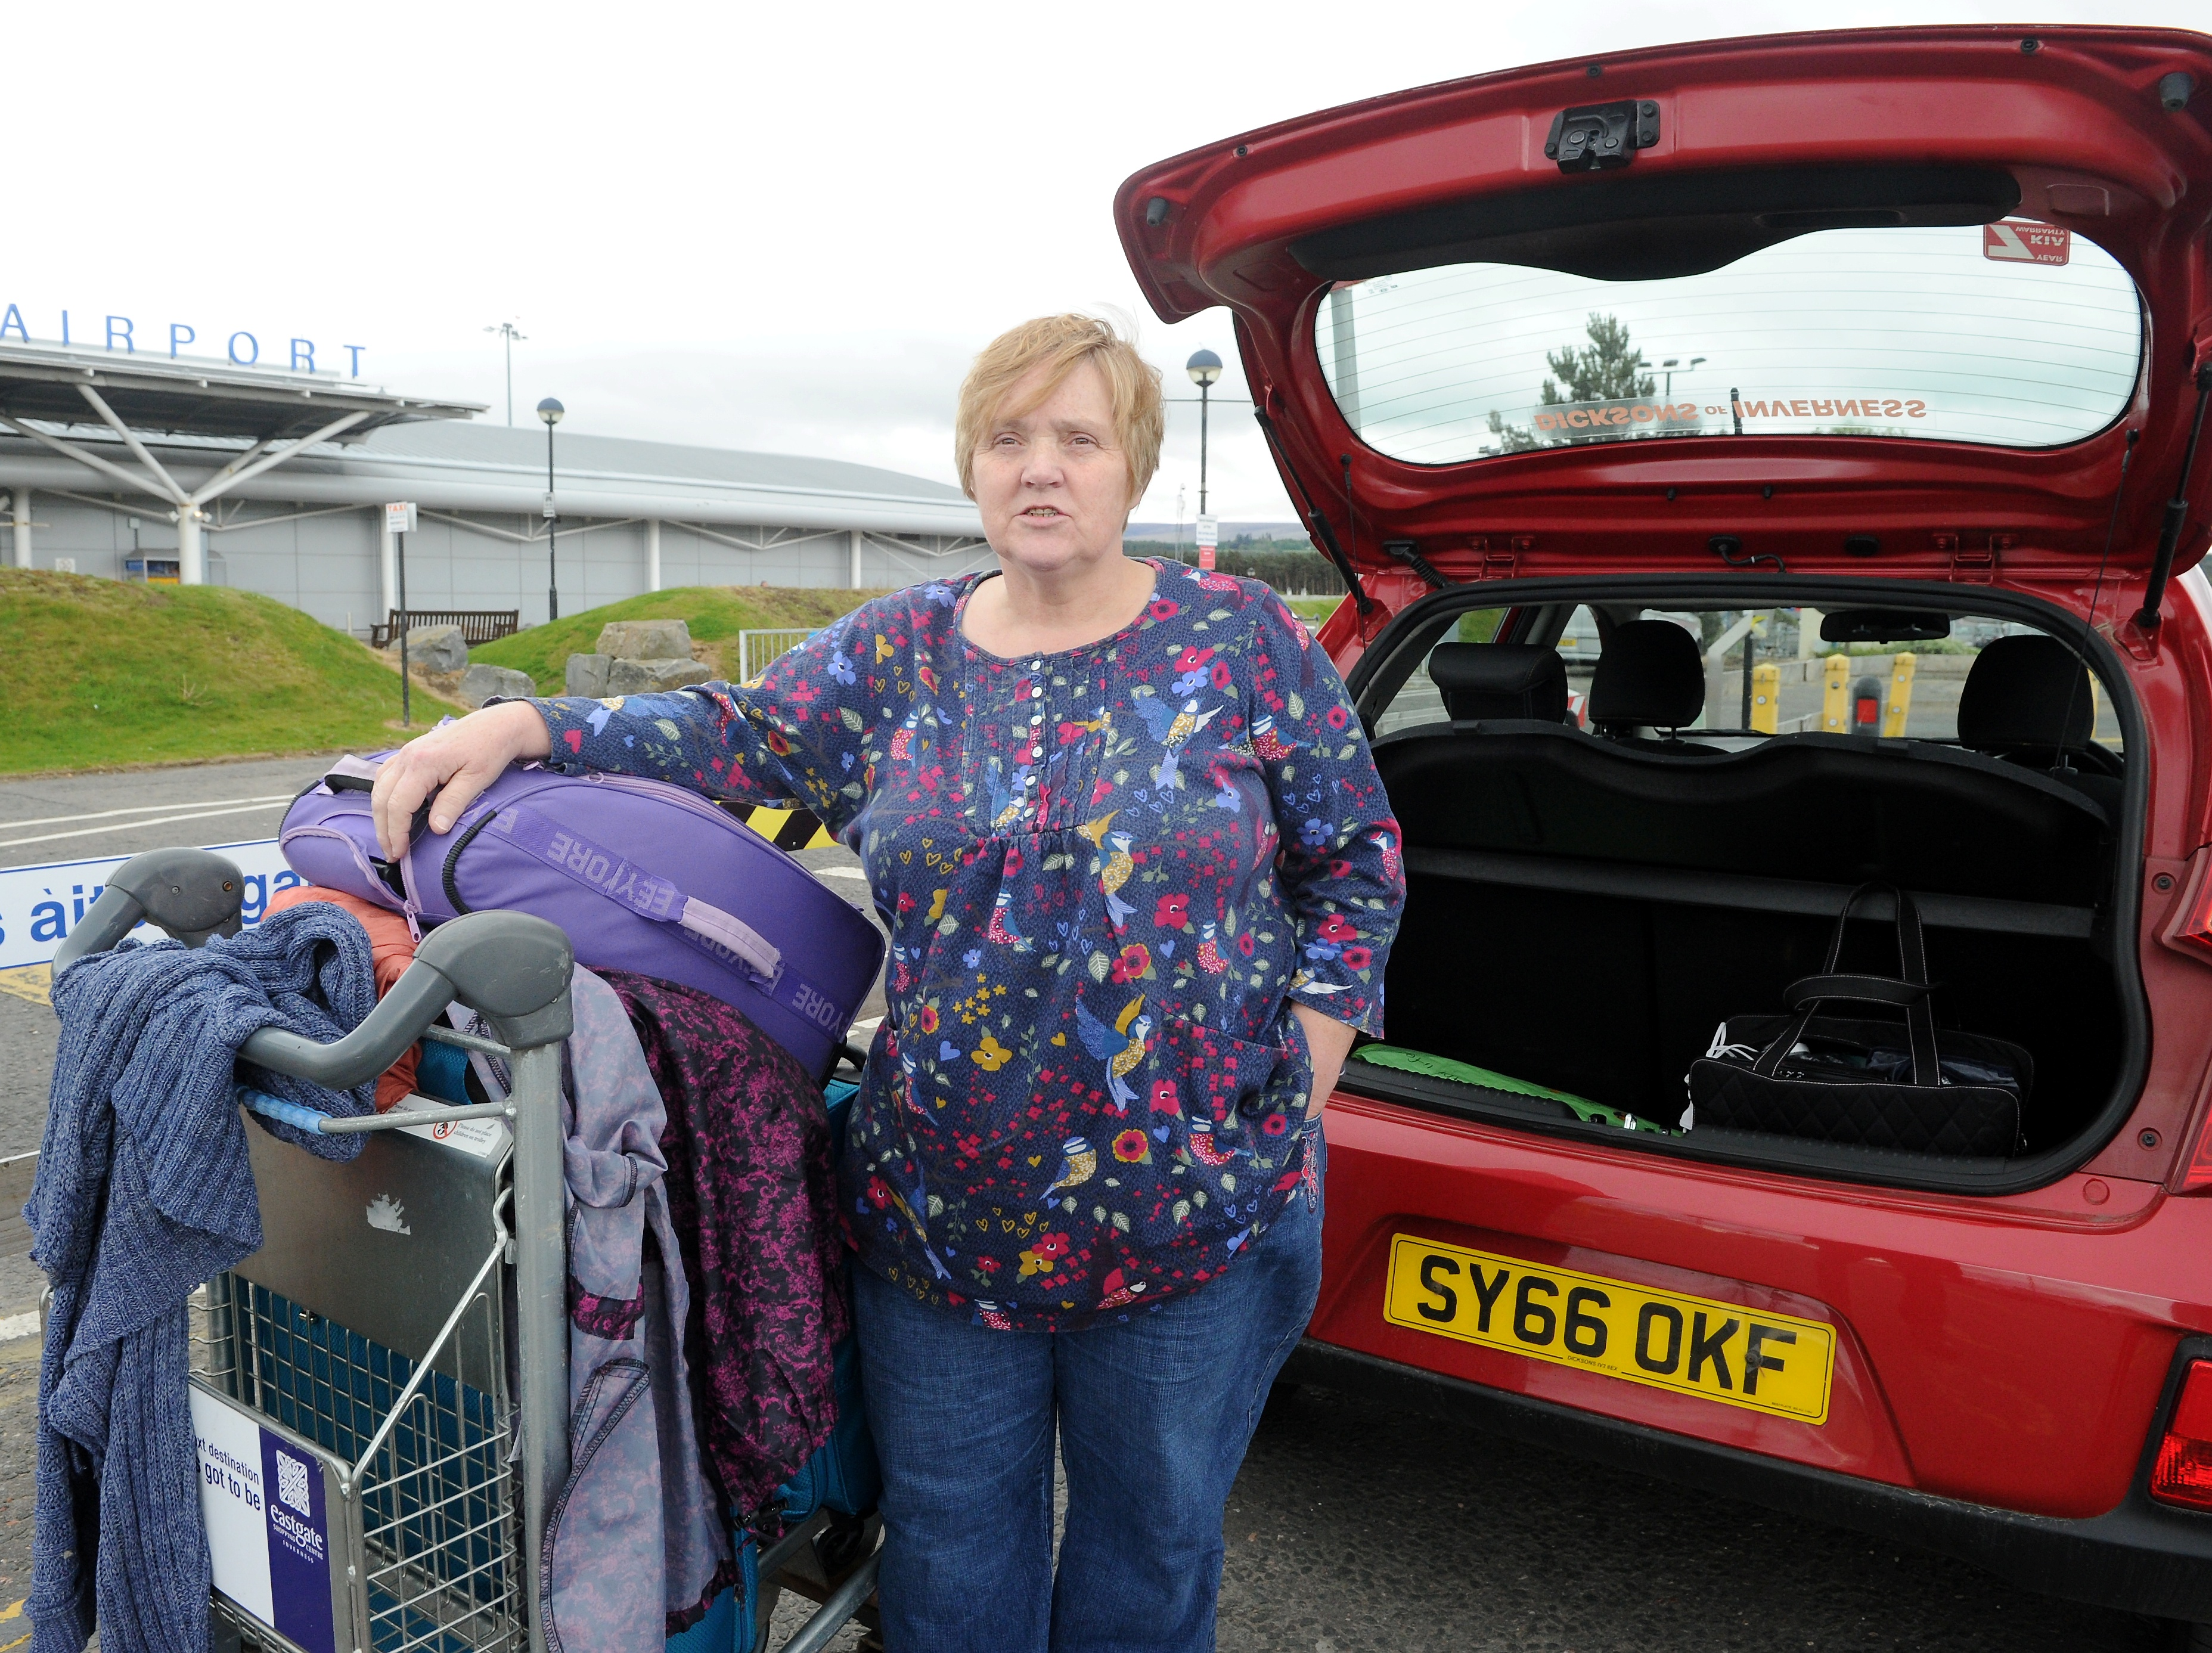 Caroline Tomkinson was preparing to travel to Bristol unaware her flight was cancelled.